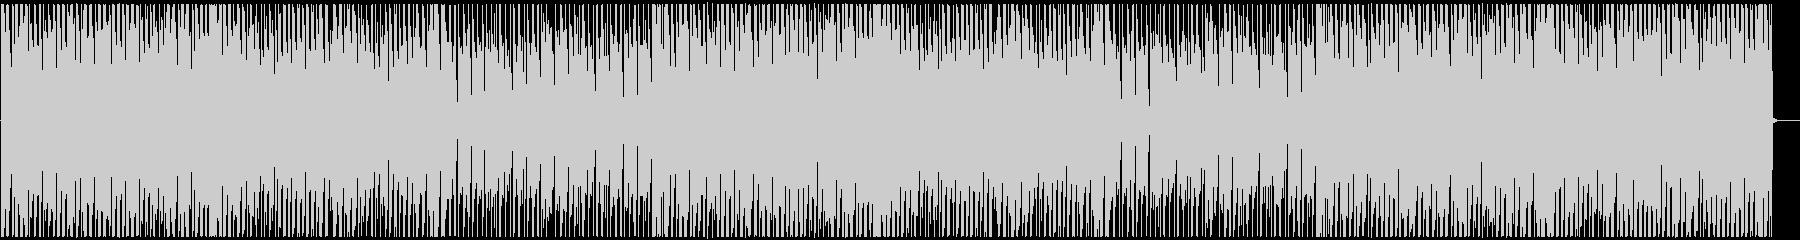 明るいアフロビート ダンスホールレゲエの未再生の波形